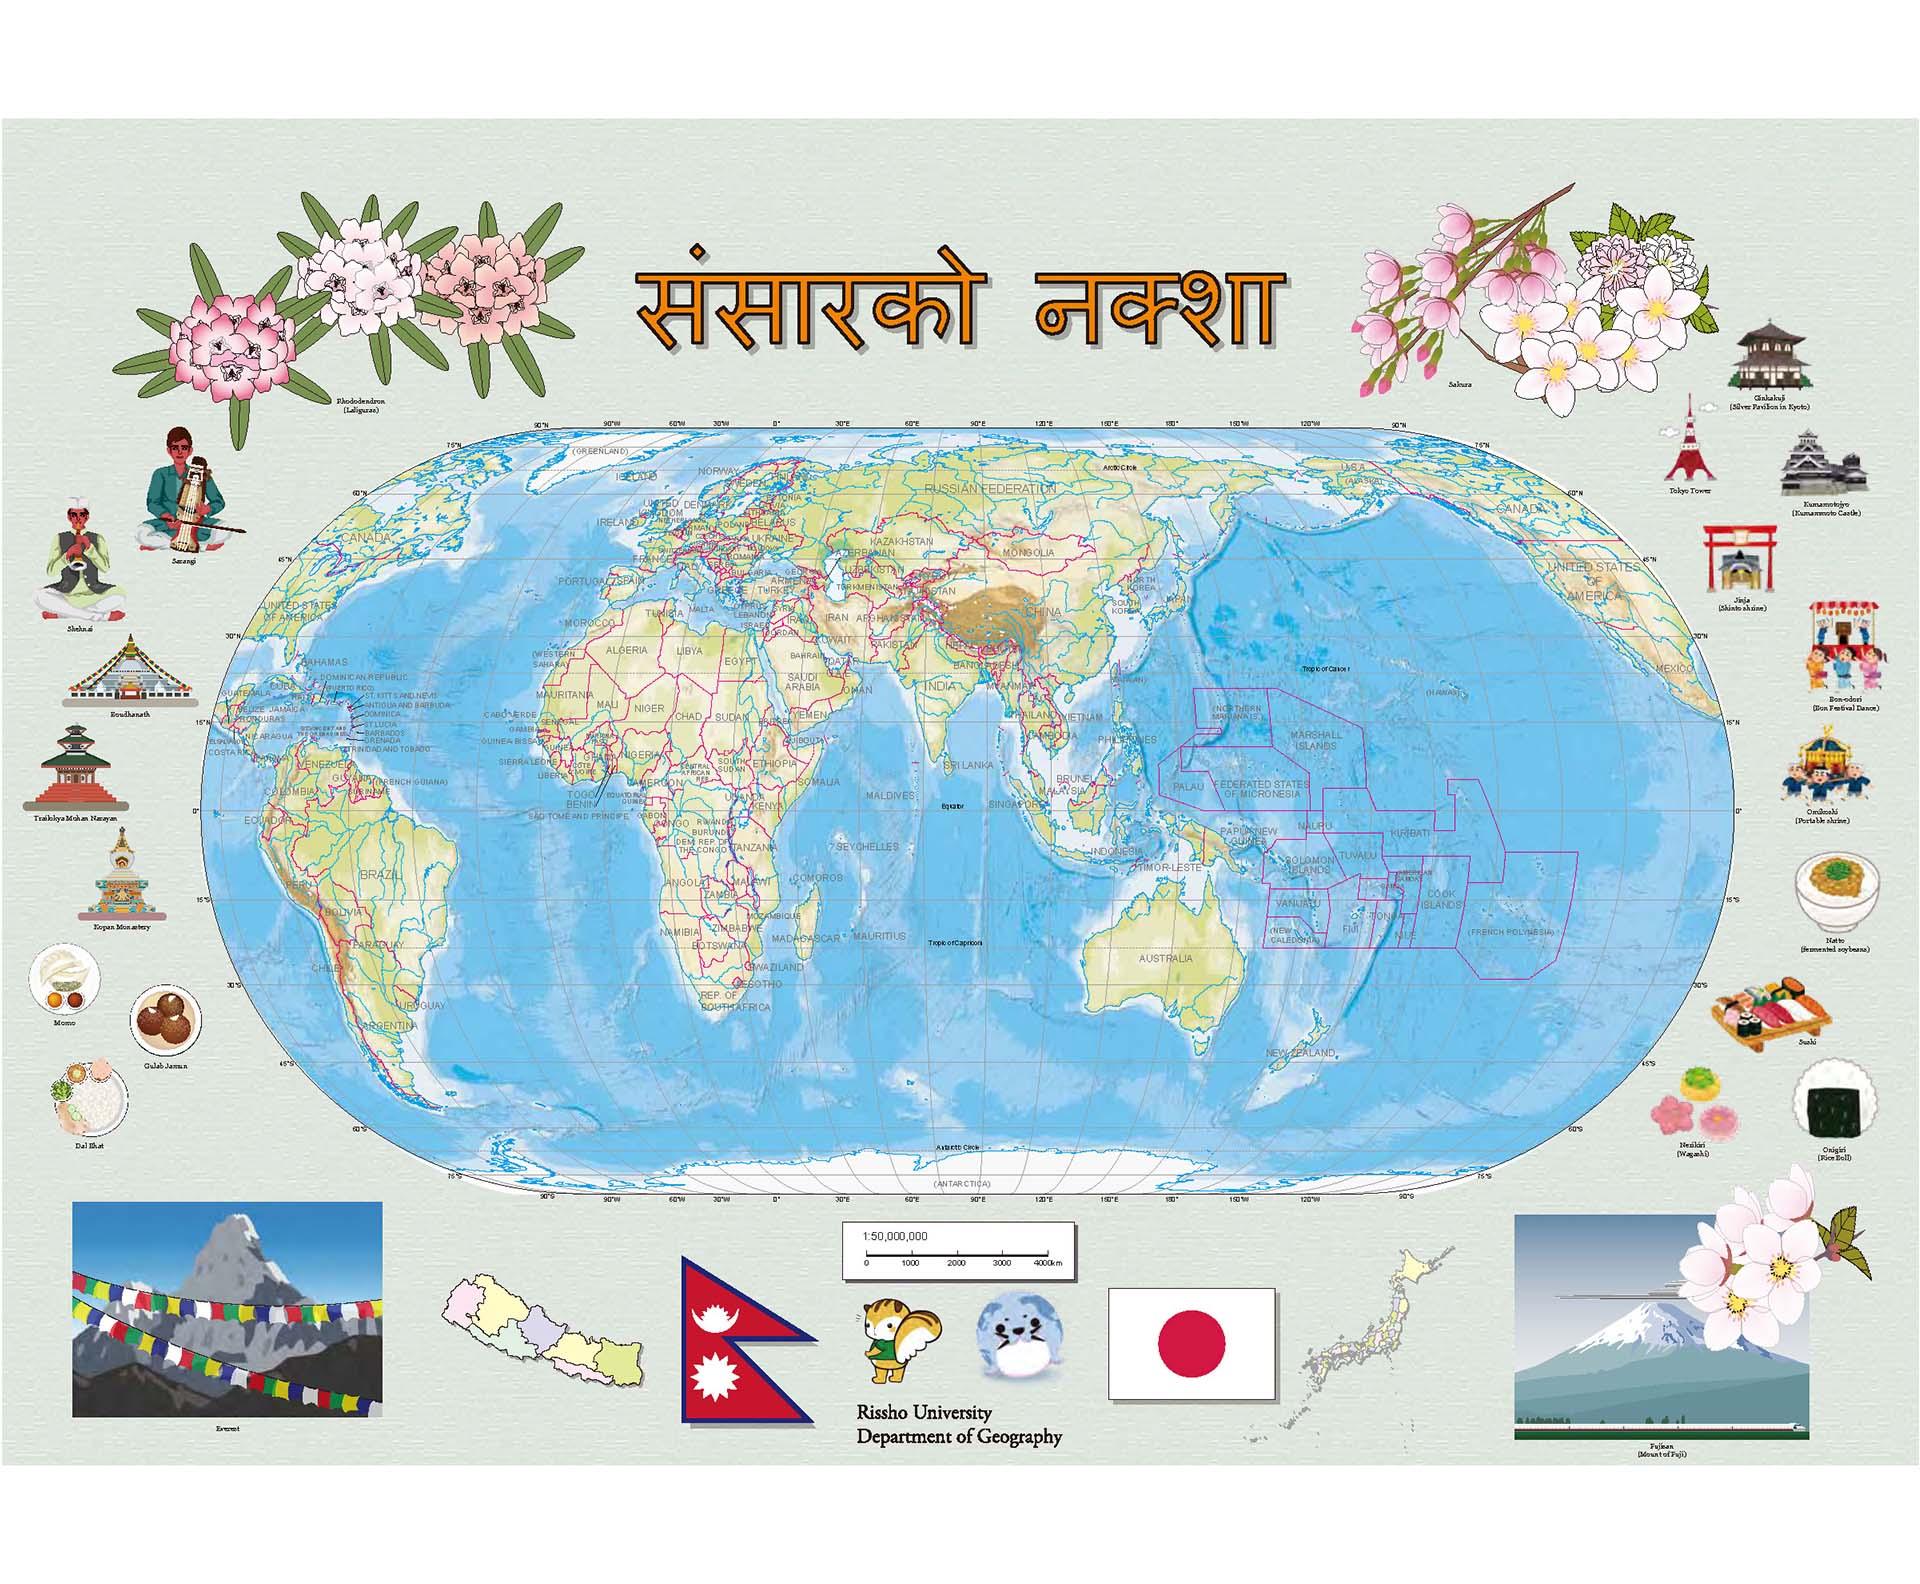 立正大学と(一財)日本地図センターが産学連携に関する協定を締結